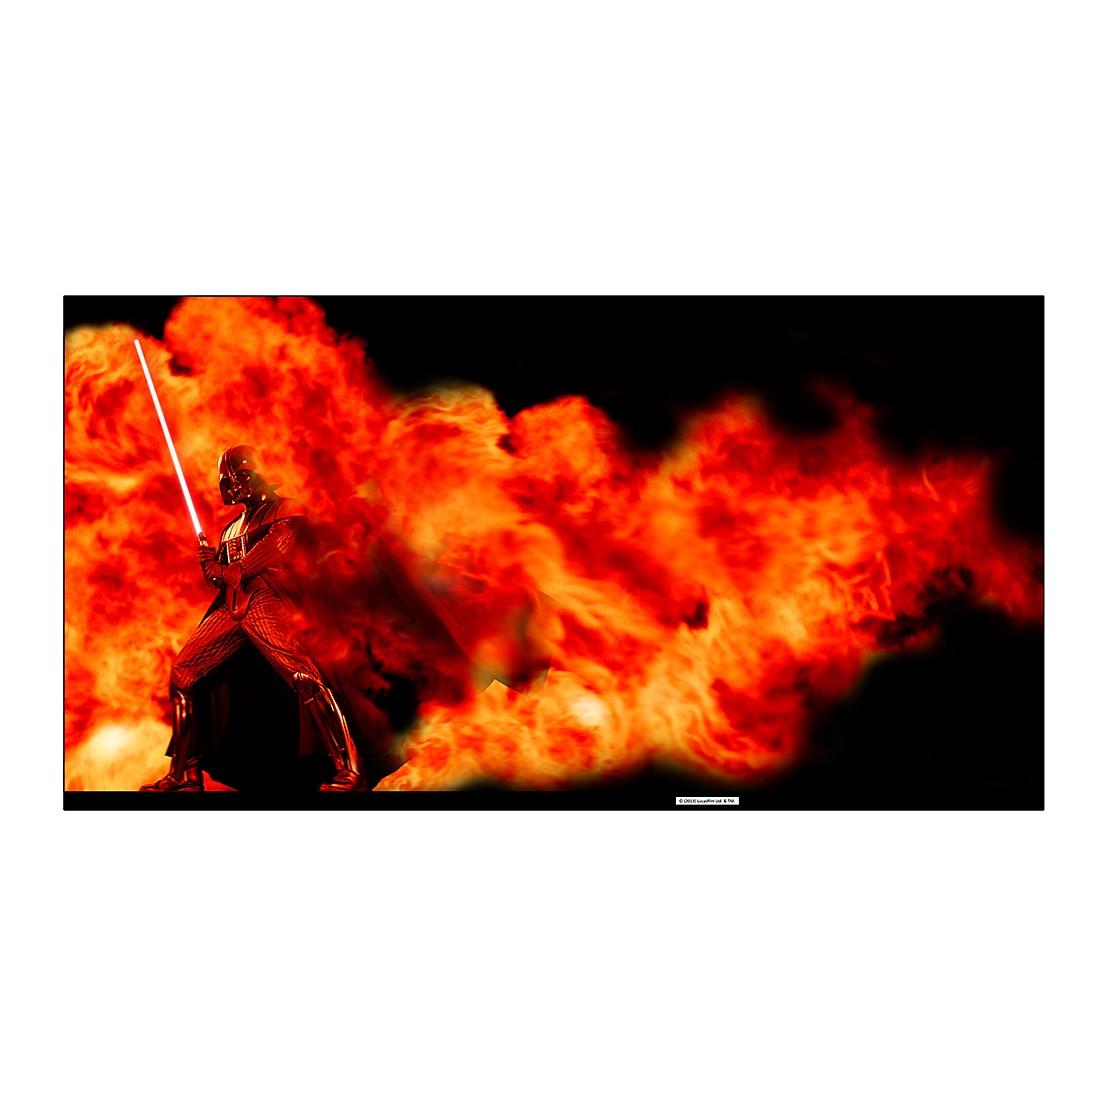 Acryl-Aluminium-Bild Darth Vader Fire Explosion – Abmessung: 100 x 75 cm, Gallery of Innovative Art günstig kaufen